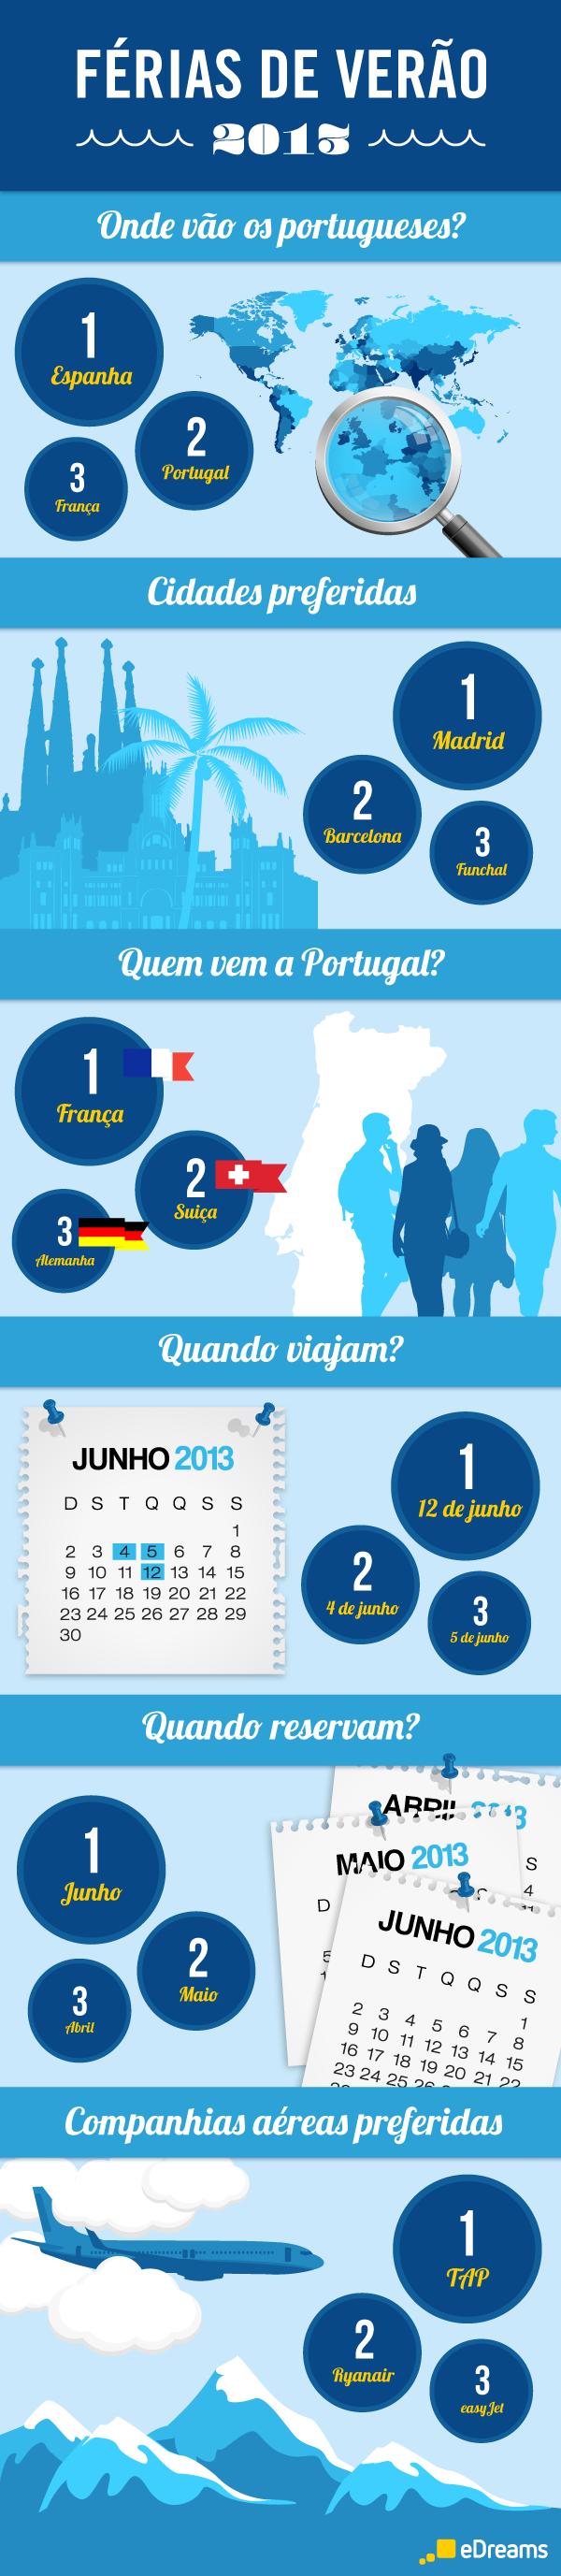 DESTINOS DE VERANO 2013 PORTUGAL